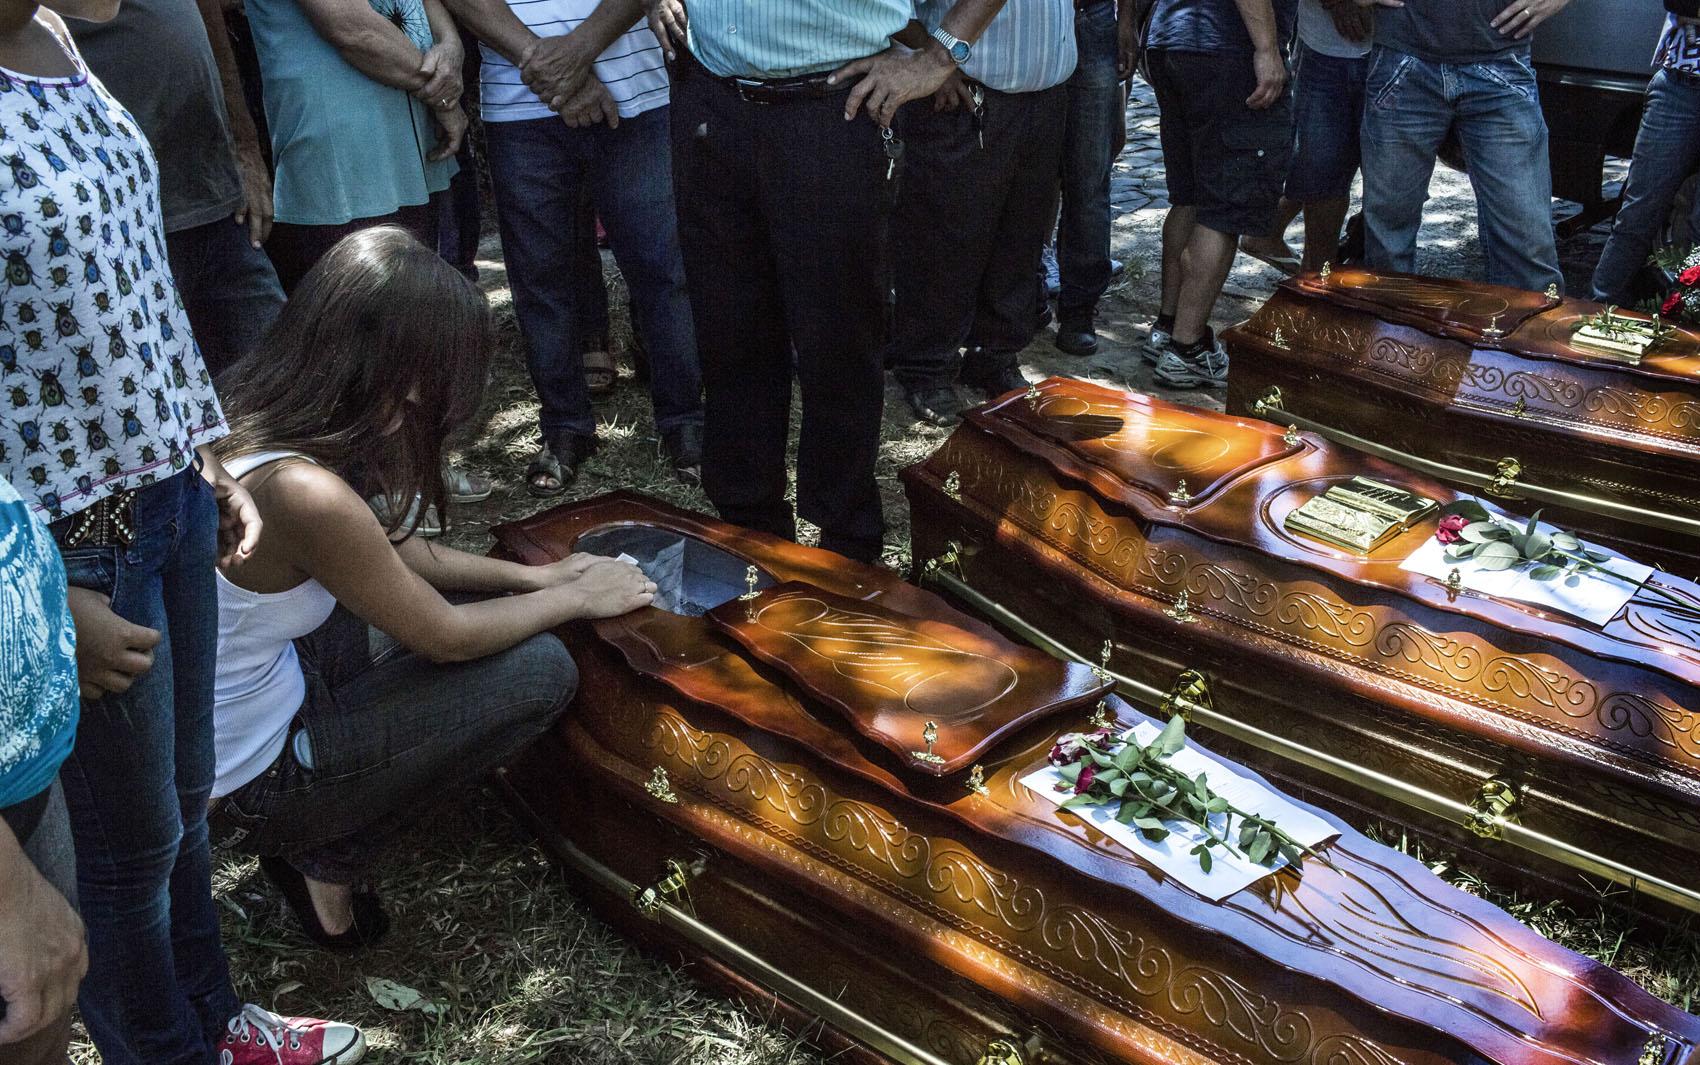 28 de janeiro - Parente de três vítimas da tragédia chora sobre caixões durante enterro em Santa Maria